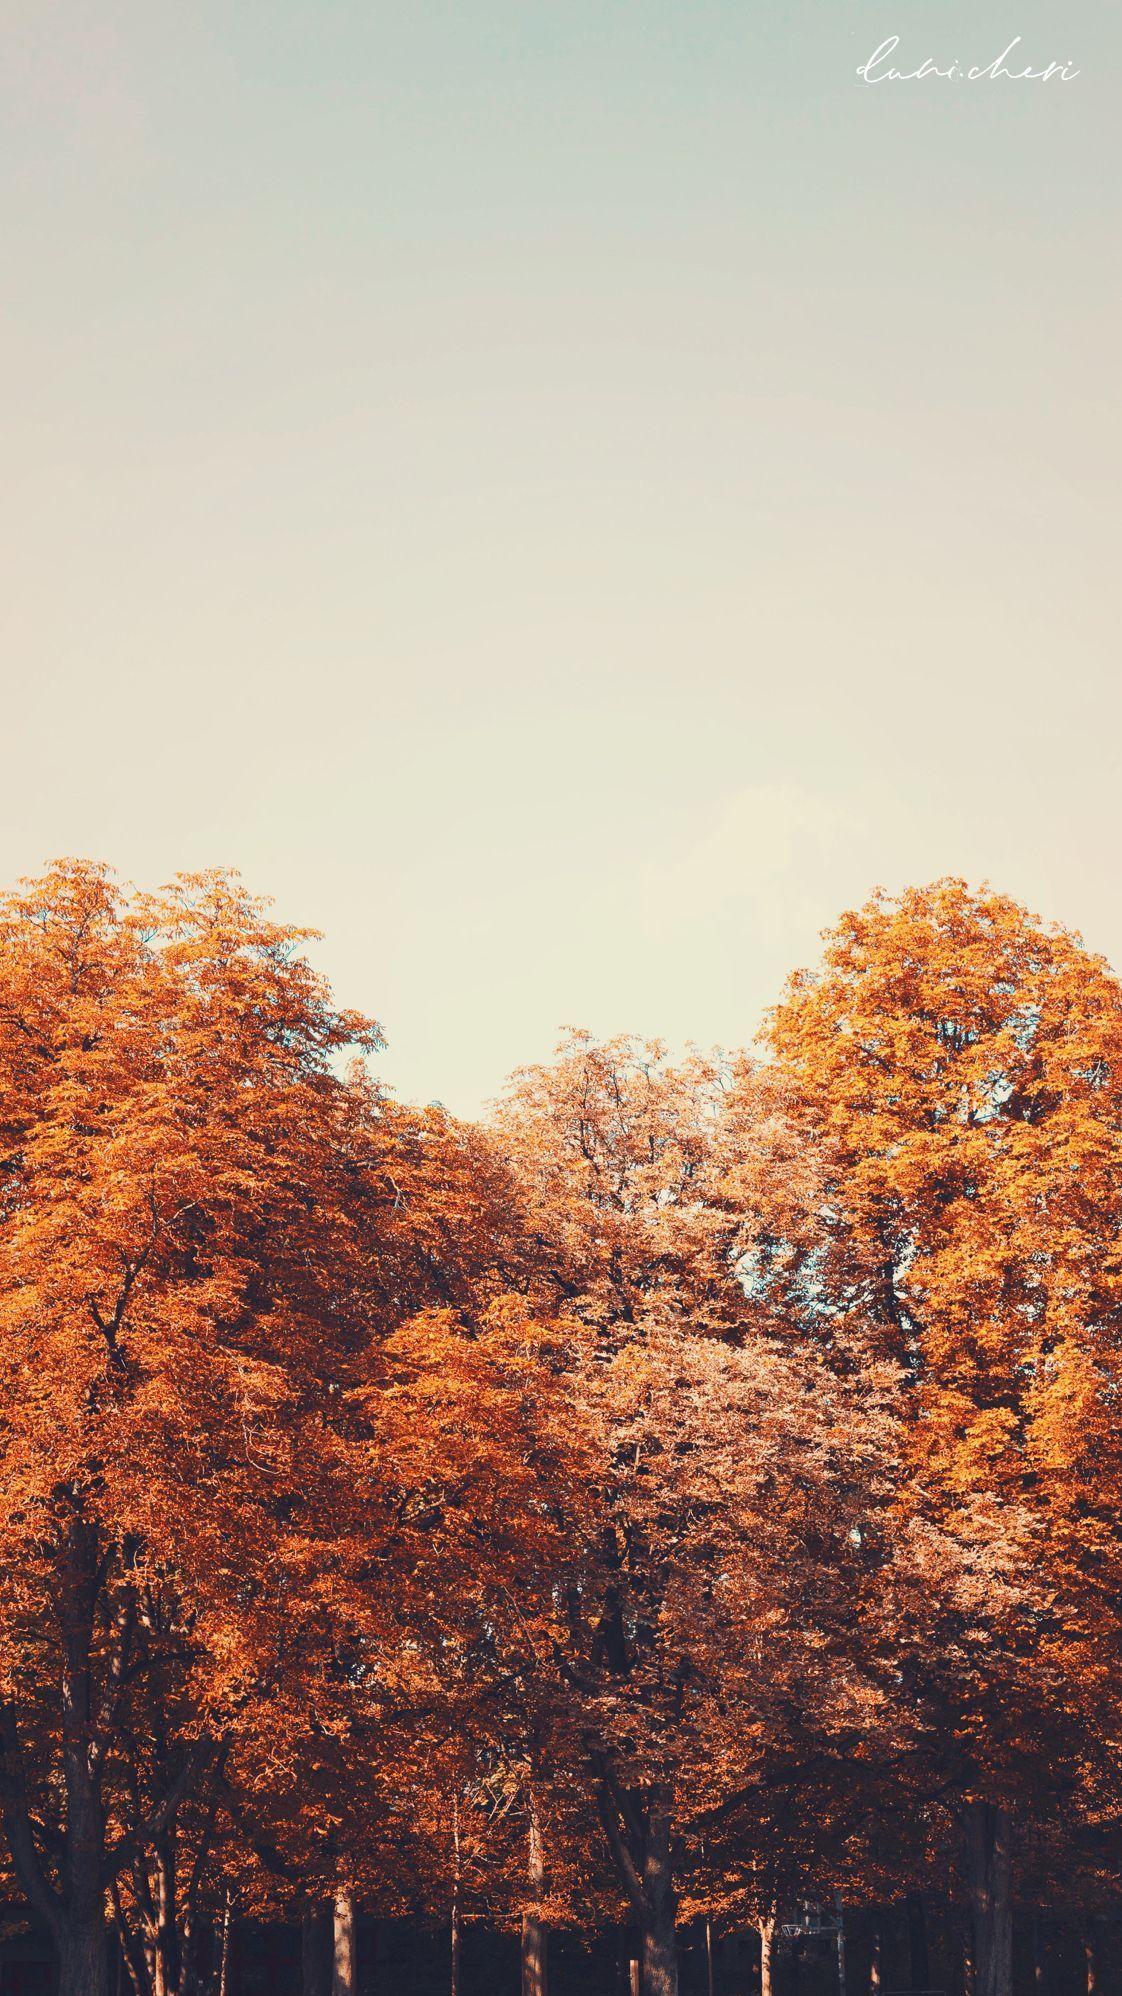 Free Download: Autumn Wallpaper ♥ Desktop & Mobile #autumn #desktop #download … - railcou.pak-24.com